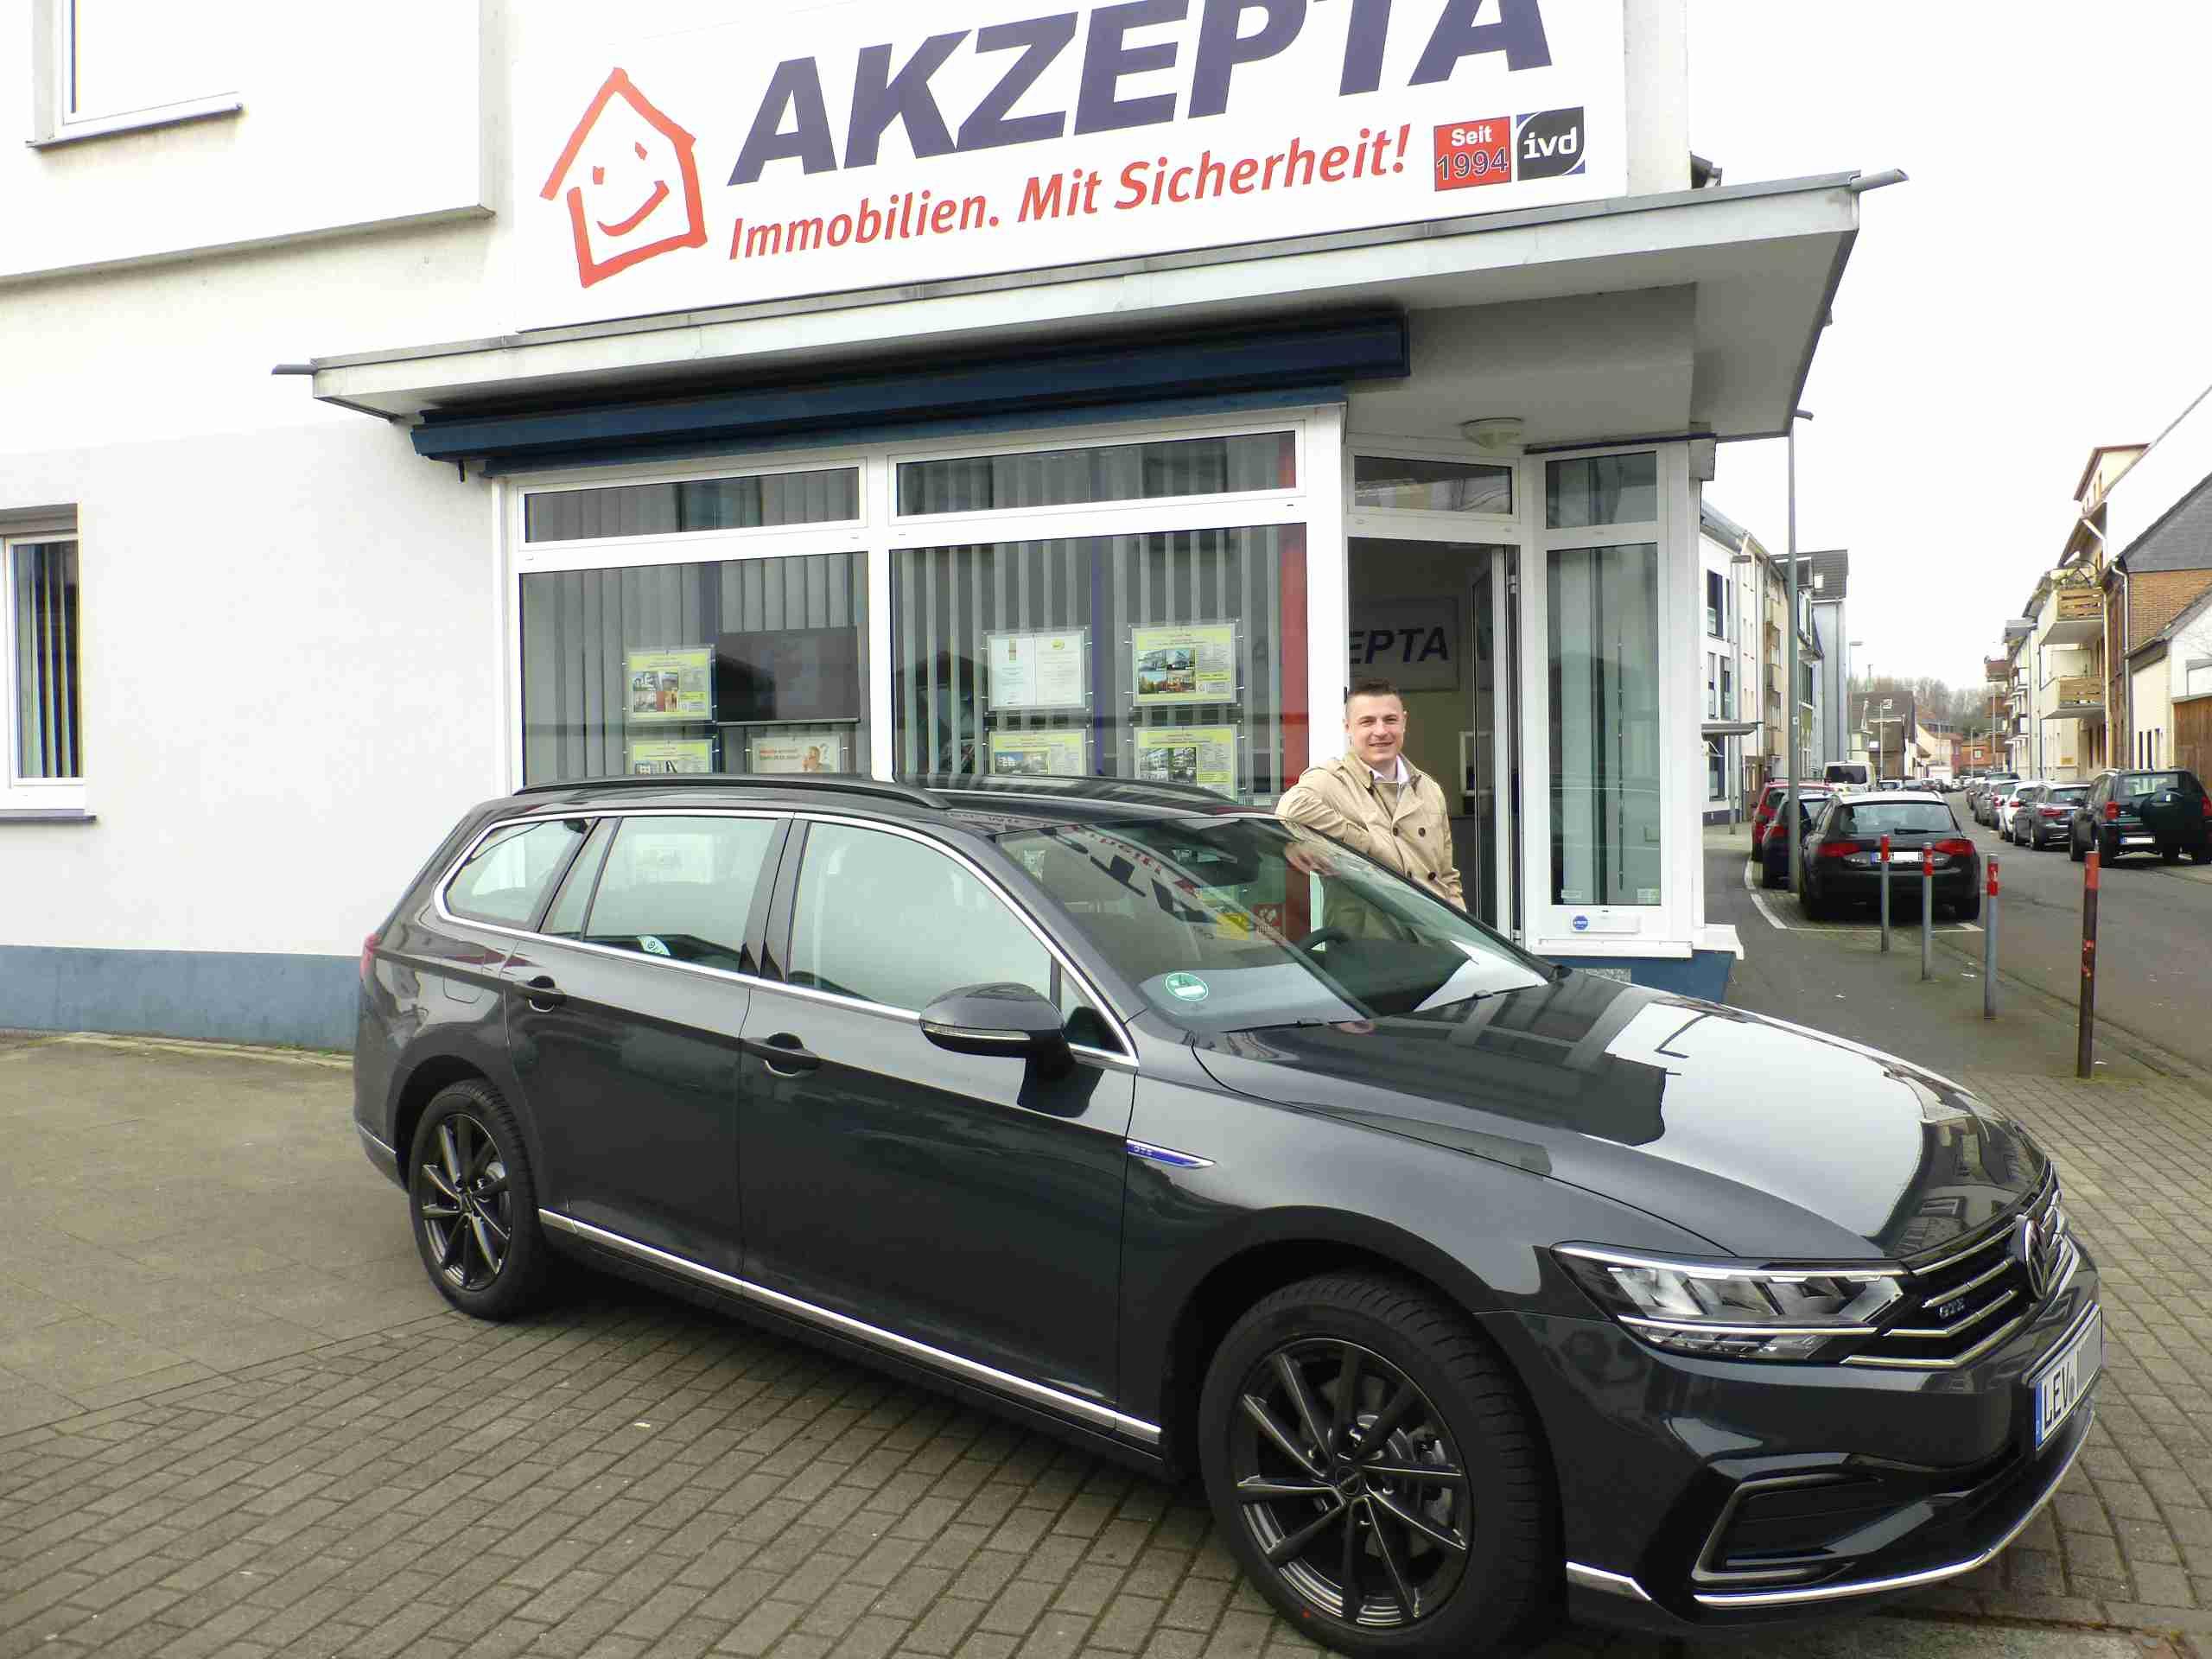 akzepta-buero-neues-auto